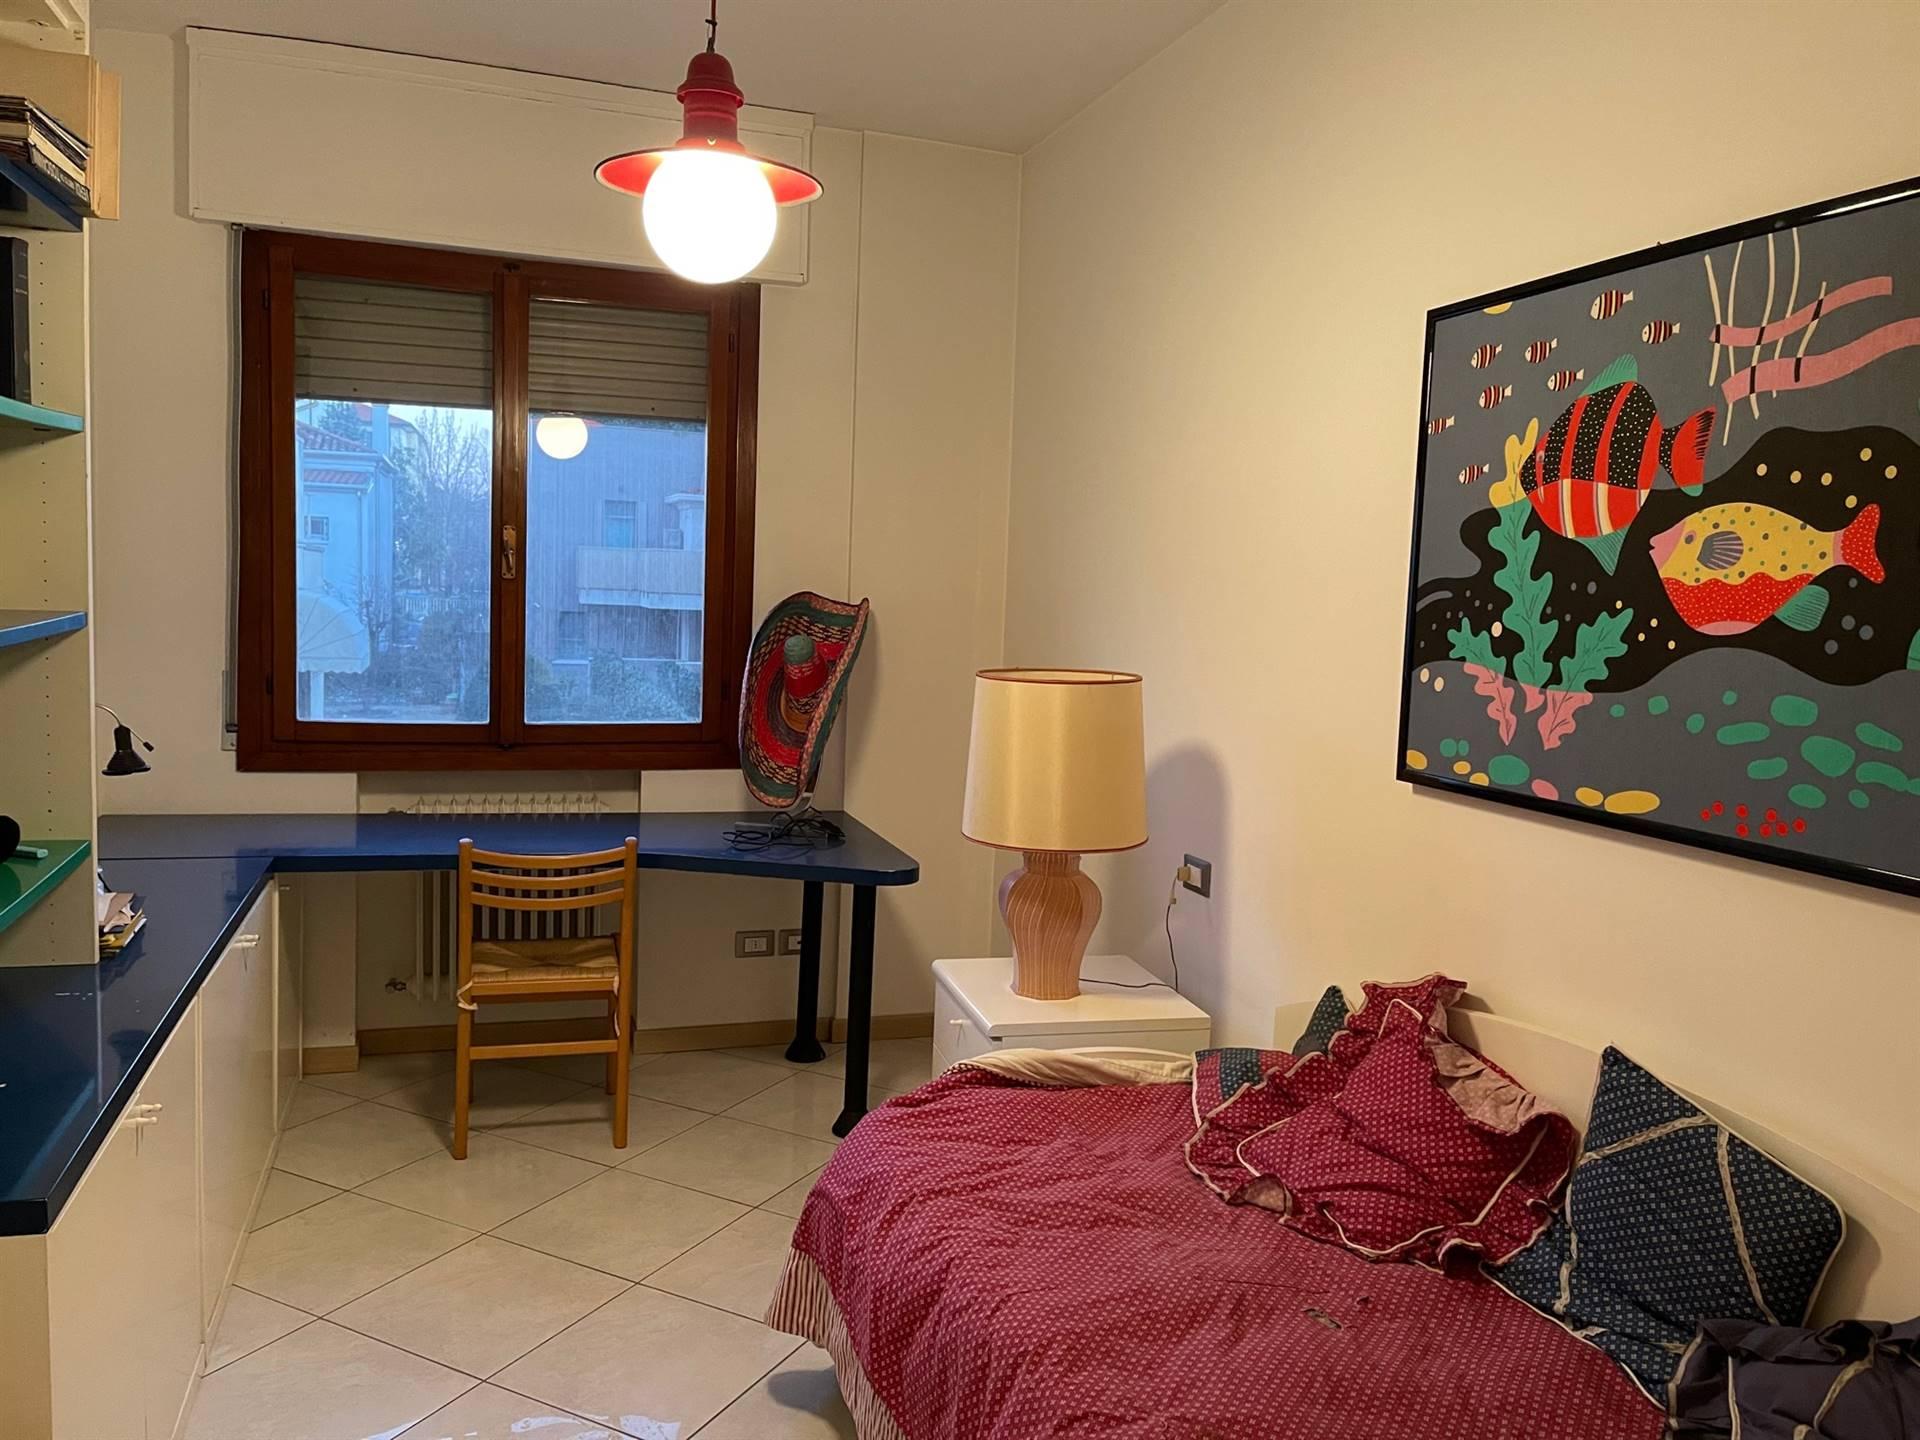 cameretta appartamento Mestre primo piano